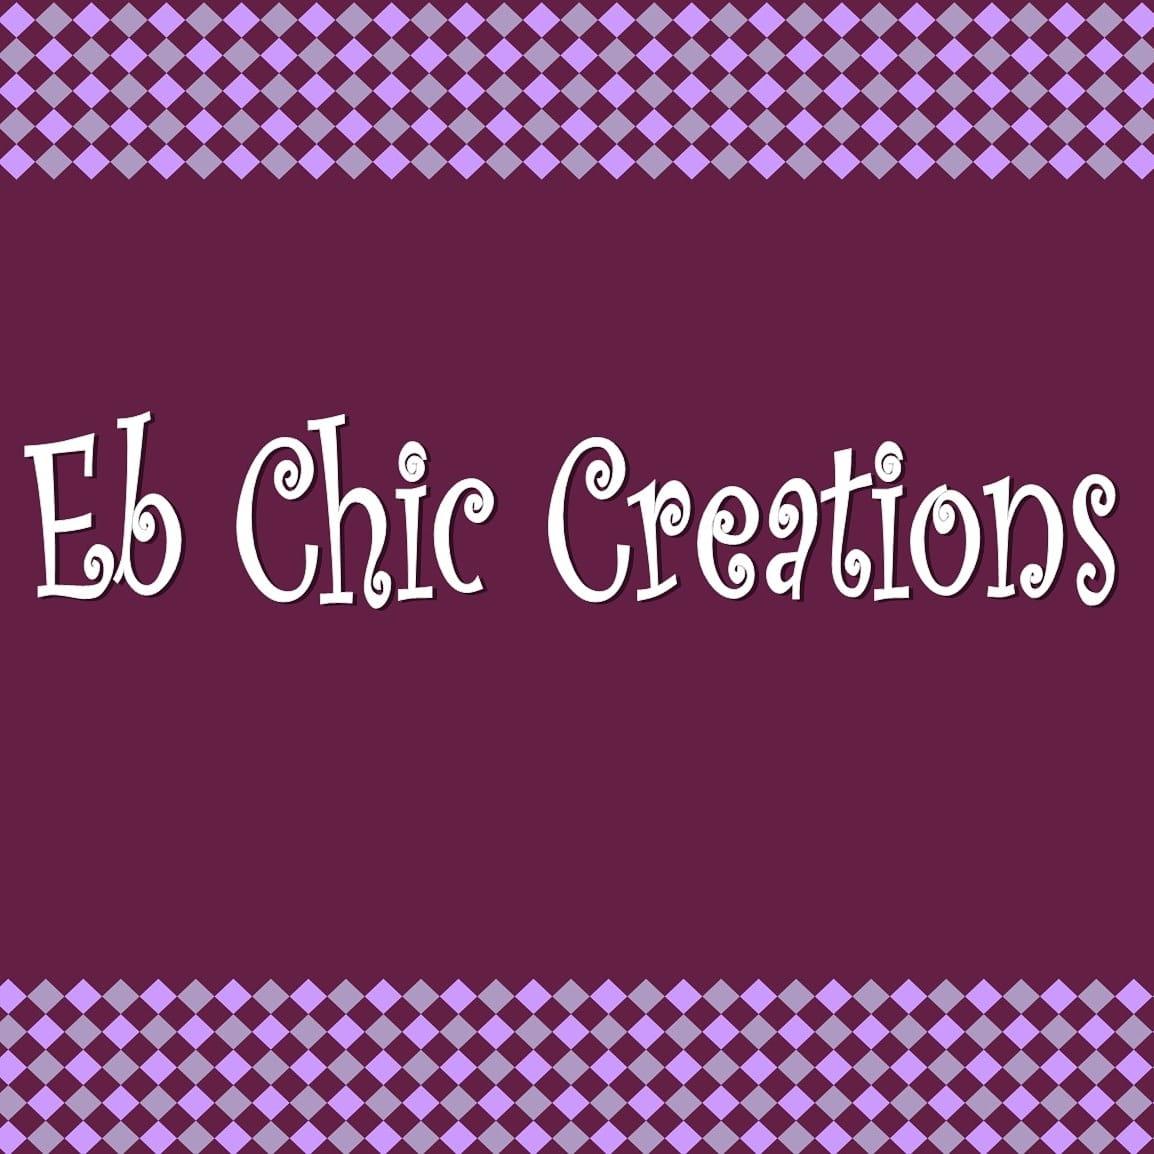 Ebchic Creations